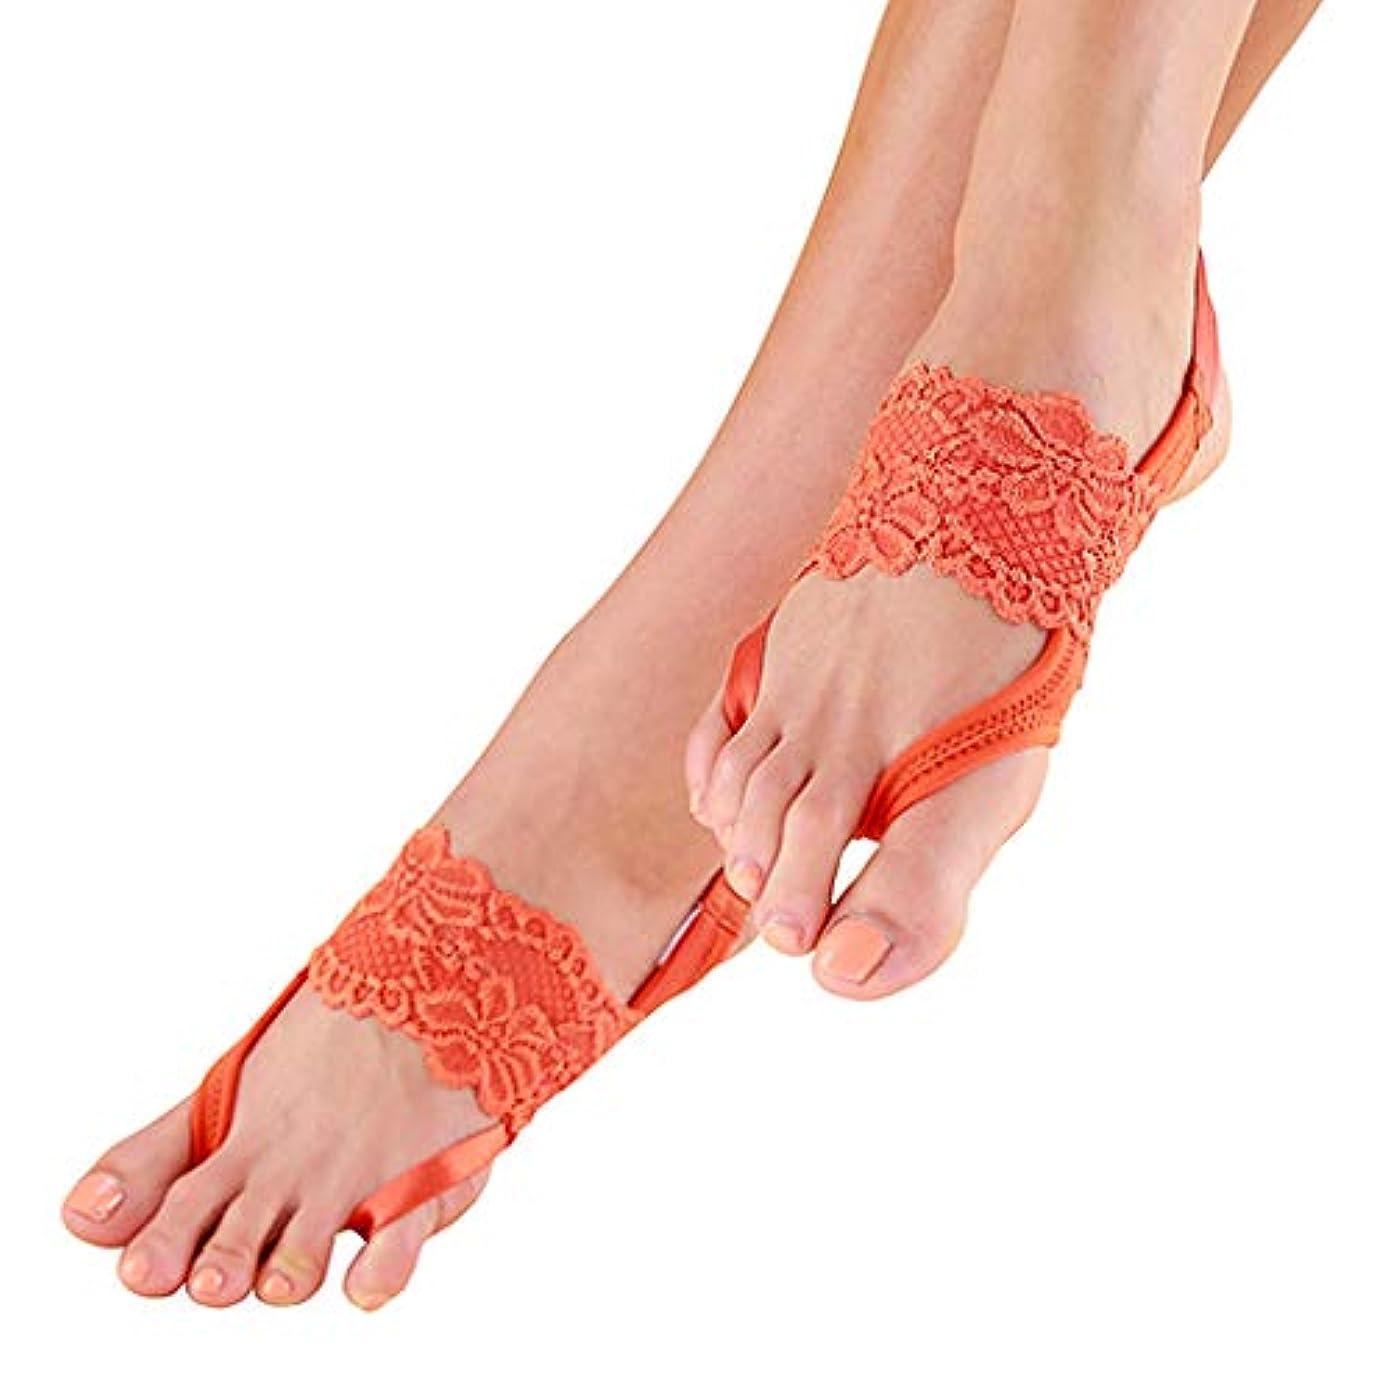 きれいにサイドボードスリップ累計20万足売れています 足が疲れにくい アシピタ 【 オレンジ Mサイズ ソックス 】むくみ 冷え 美脚 美姿勢をサポート 23.5-25cm